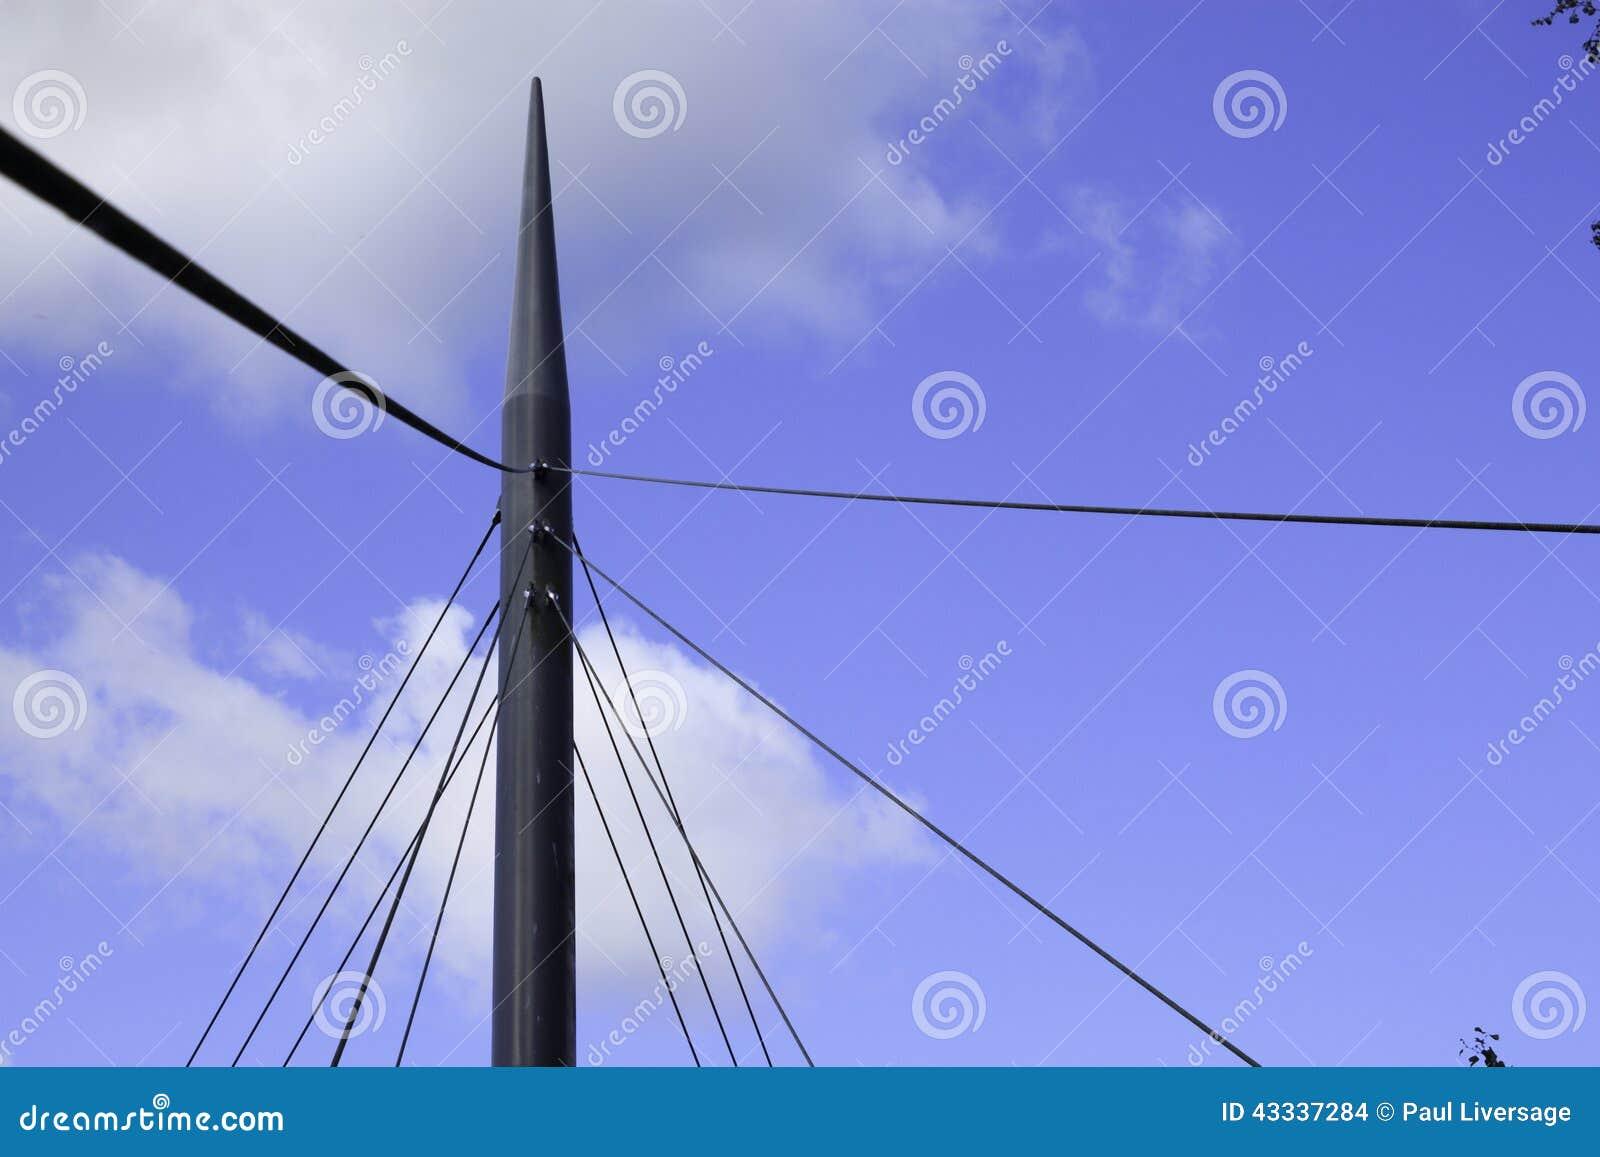 Детали кабеля и поддержки висячего моста